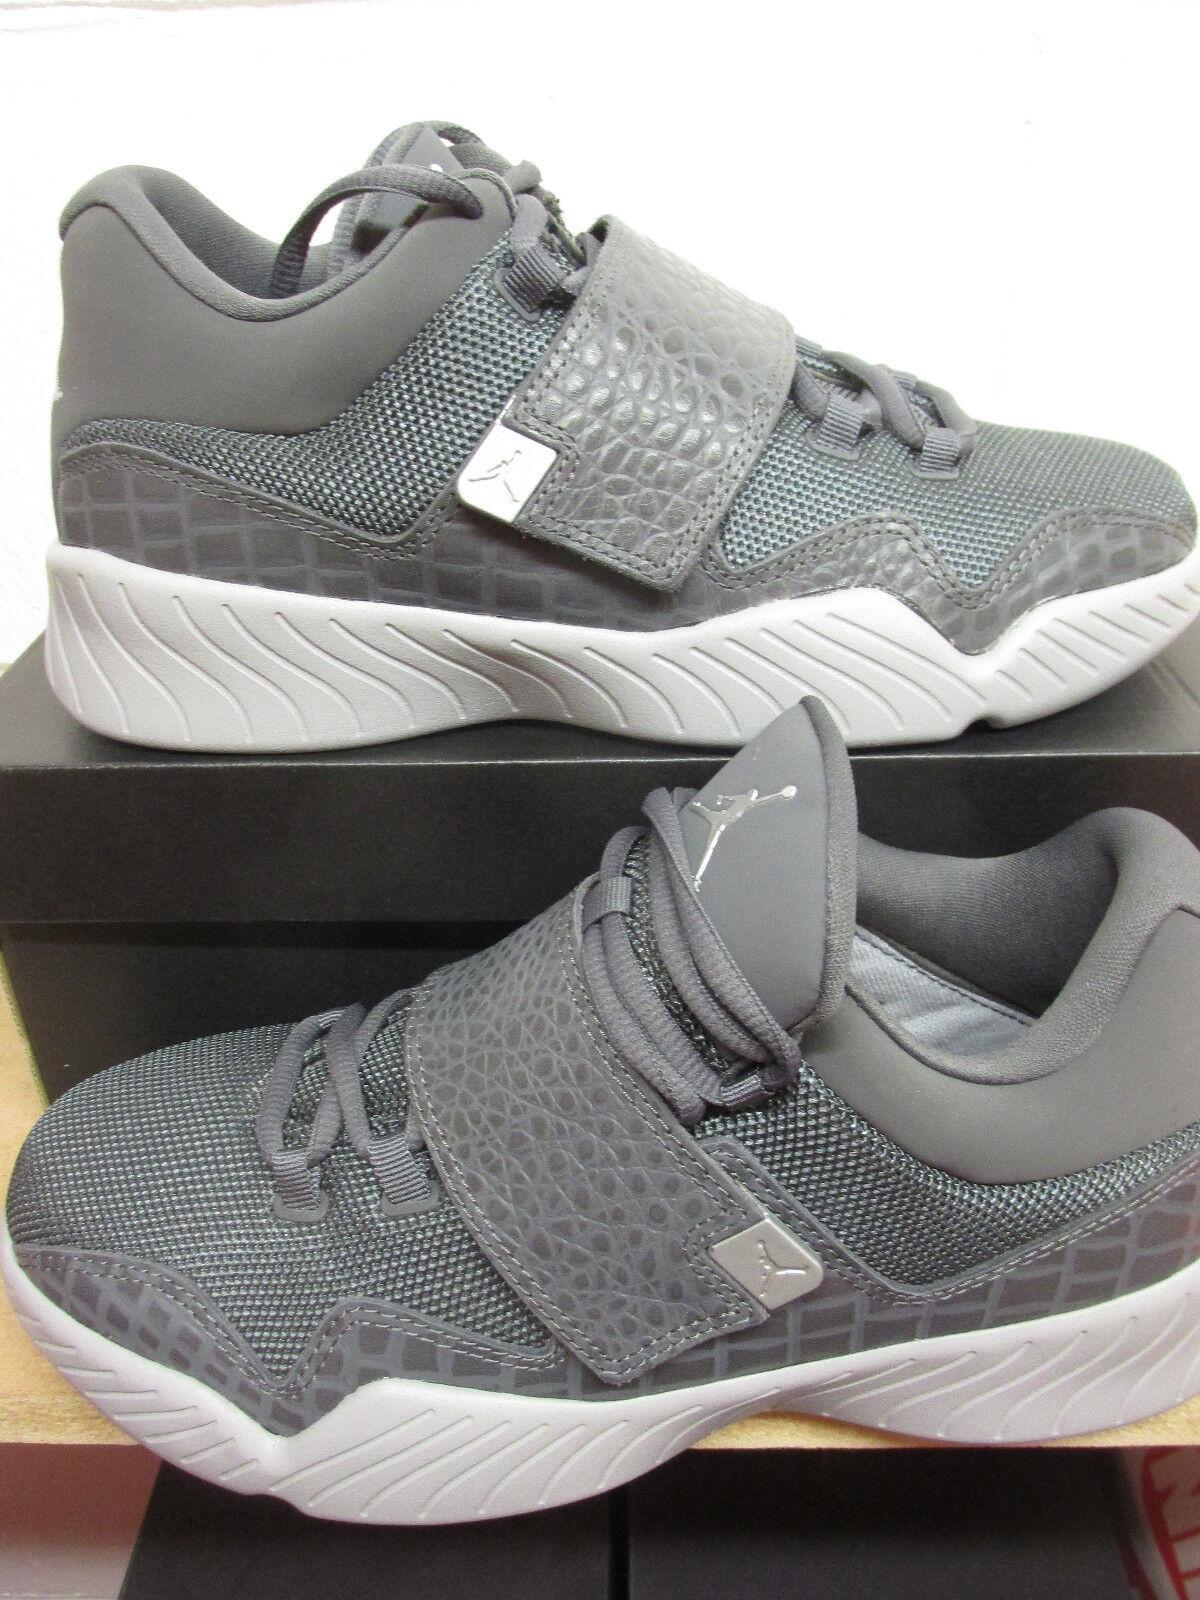 Nike Air Jordan J23 Mens Basketball Trainers 854557 002 Sneakers Shoes